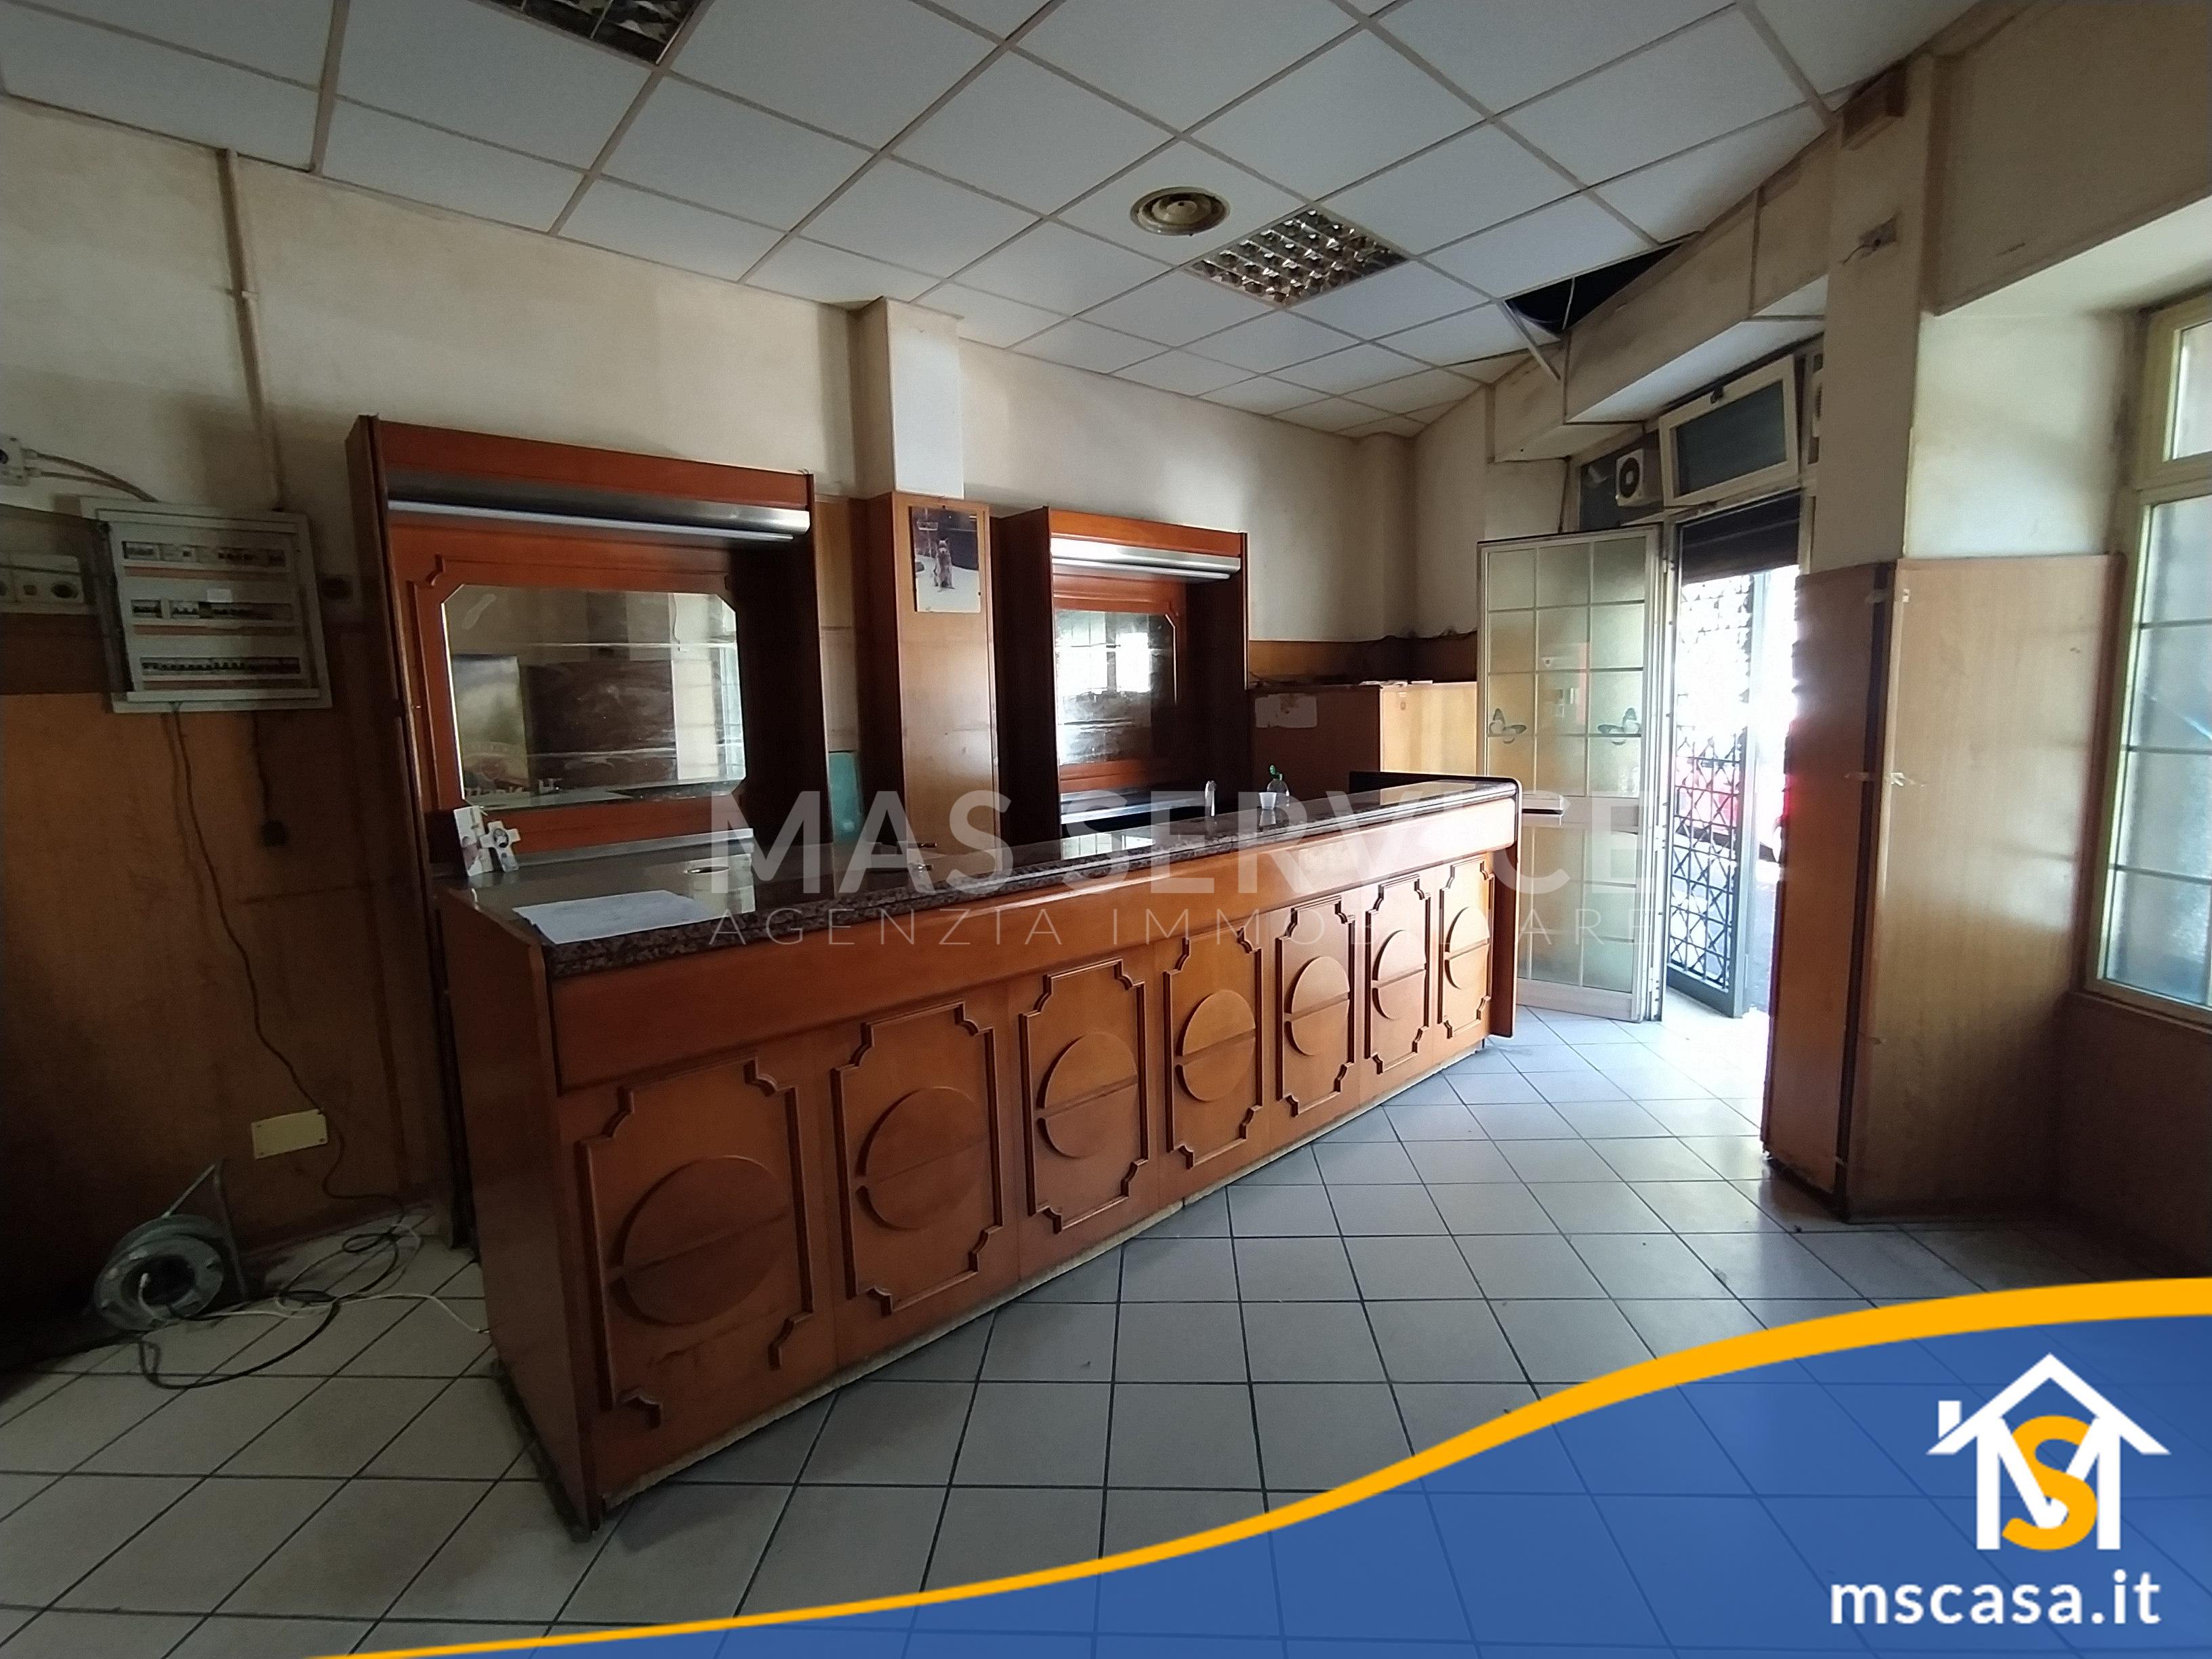 Locale Commerciale in affitto zona Garbatella a Roma Vista Entrata